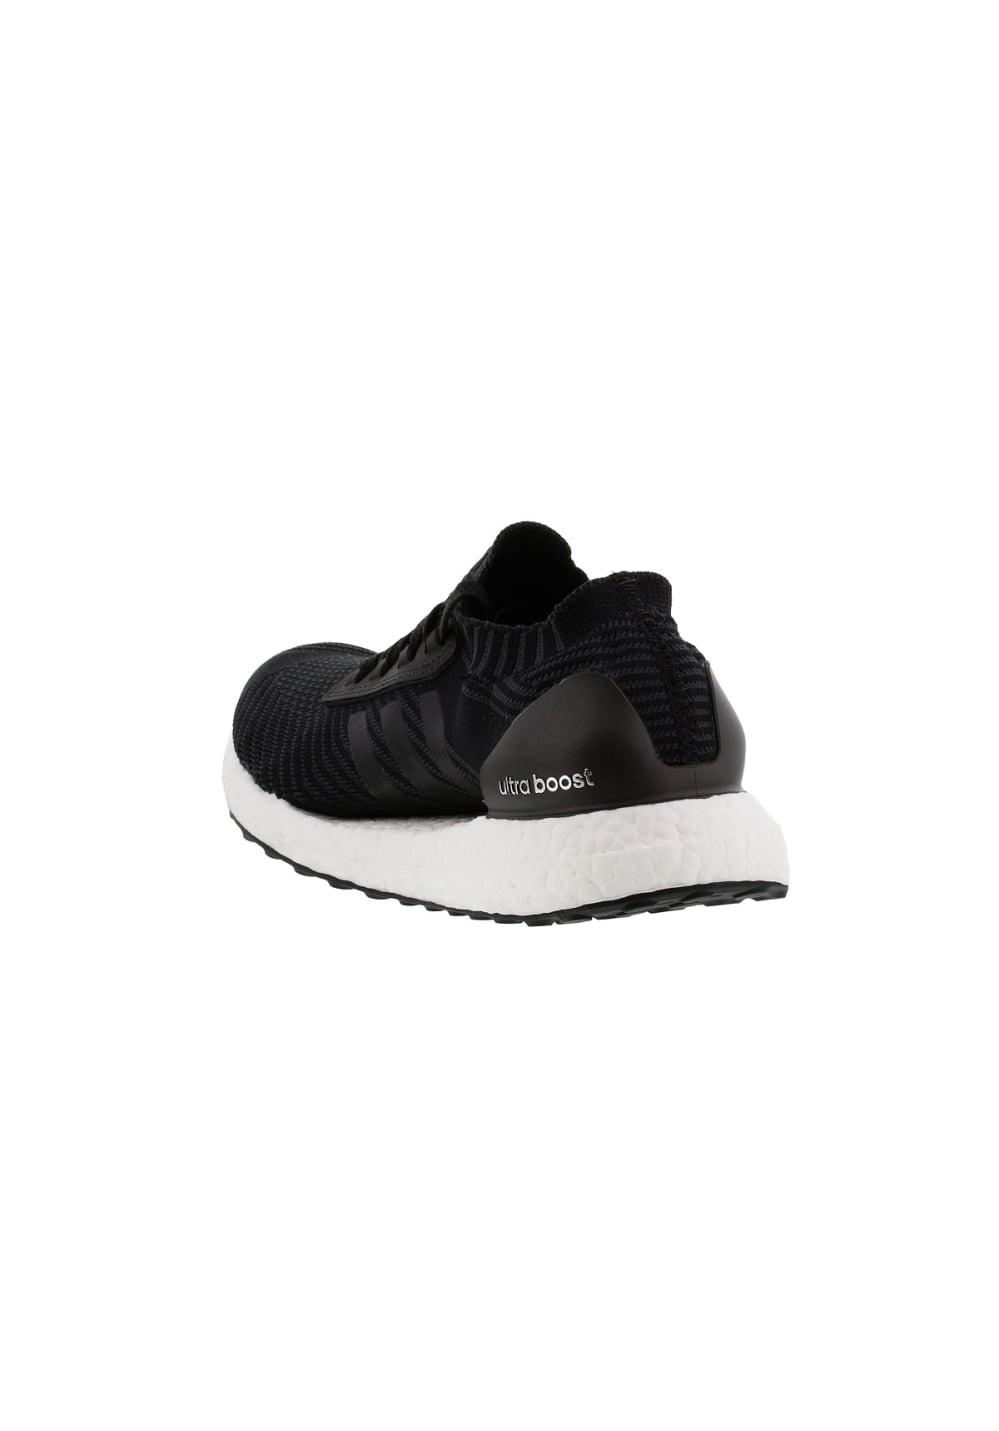 Boost Laufschuhe Ultra X Für Adidas Damen Schwarz b6vYyf7g